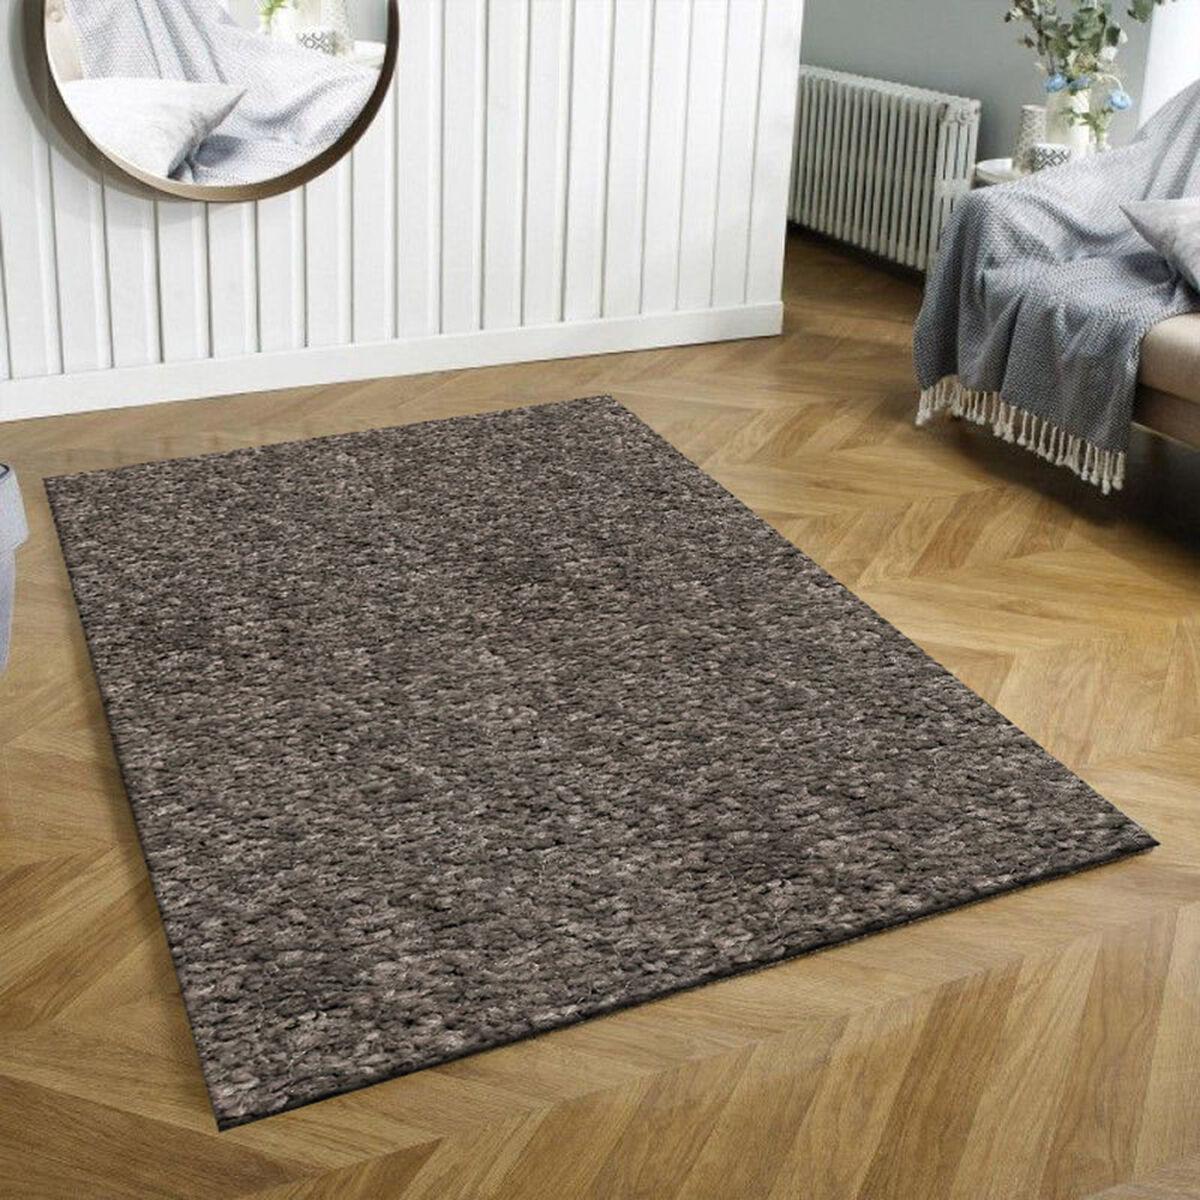 Alfombra Interior Idetex Frise Lisa 150 x 200 cm